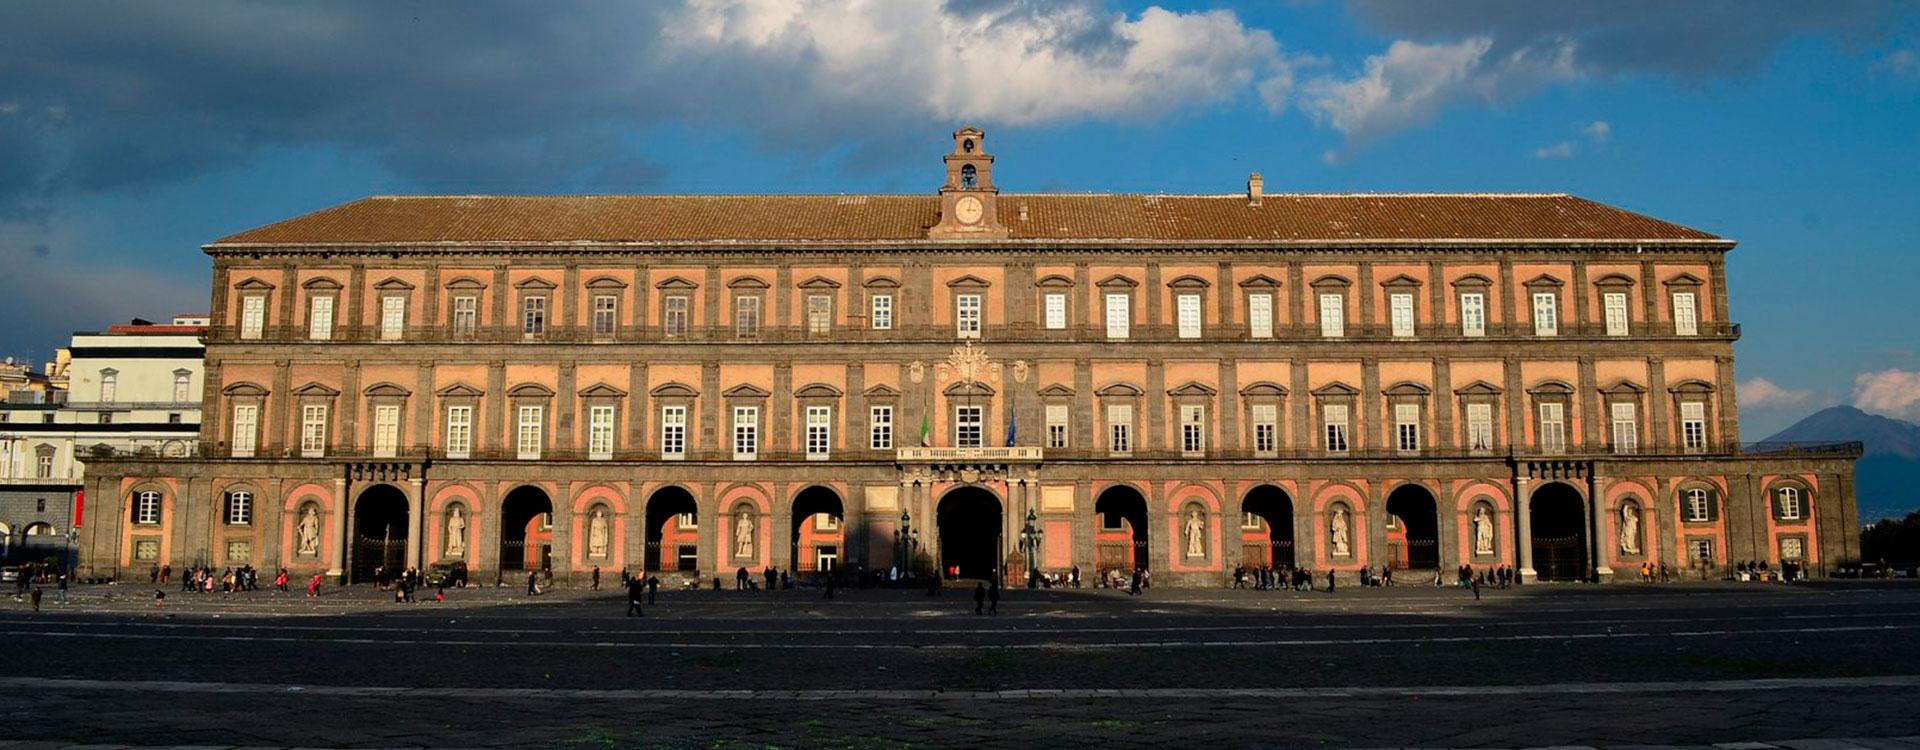 Palazzo Reale Di Napoli Artecard